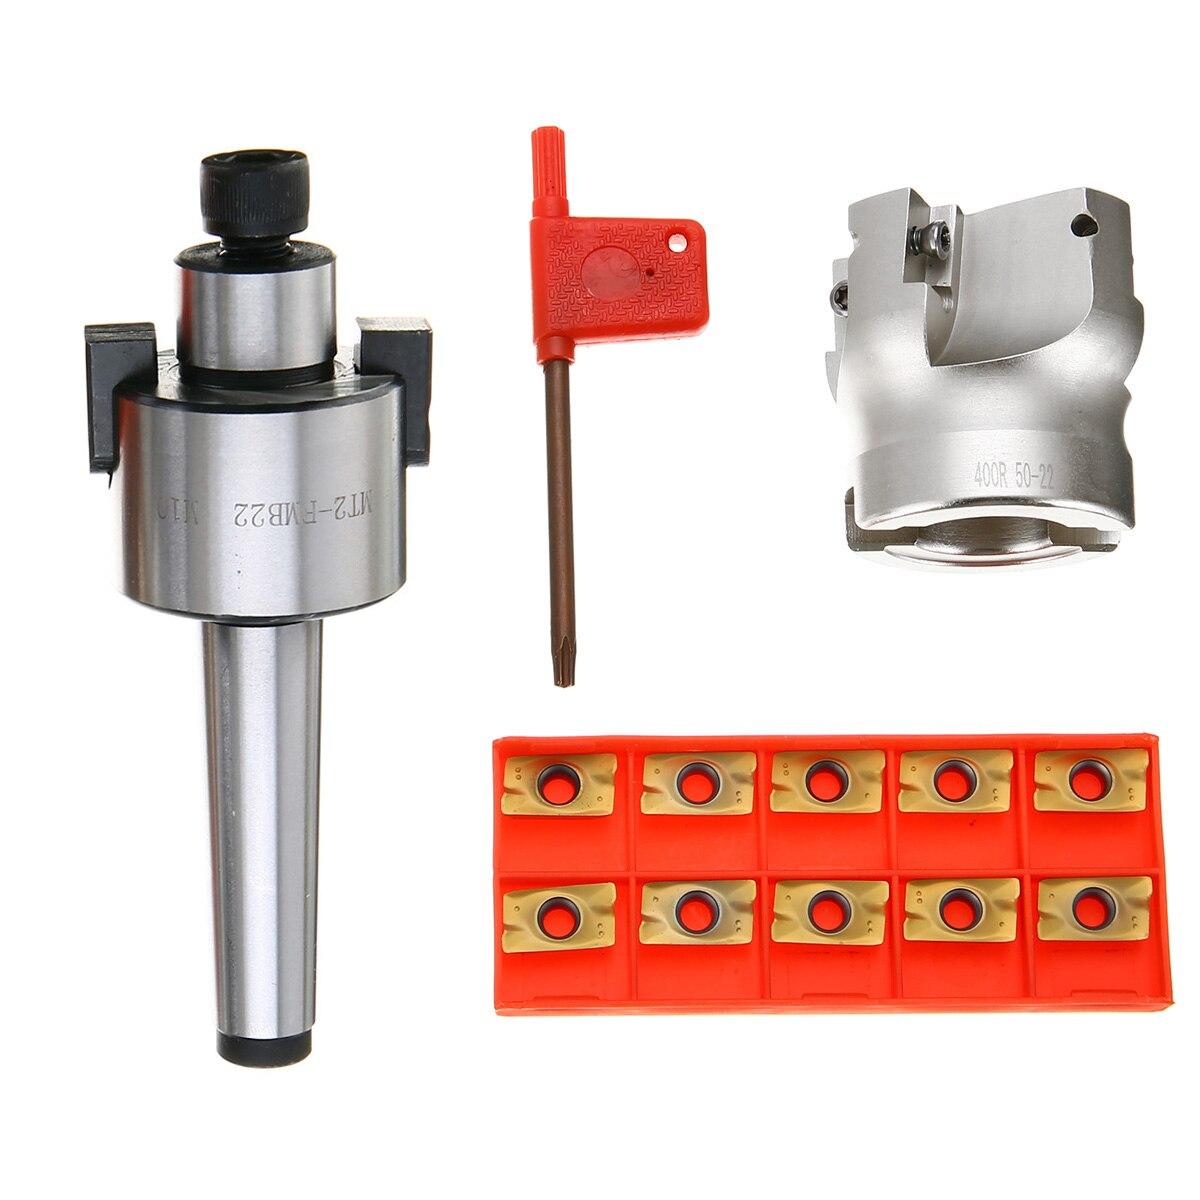 MT2 400R 50mm Faccia Fresa Fresa 4 Flutes + 10 pz APMT1604 Inserti In Metallo Duro con Chiave Per Il Potere strumento